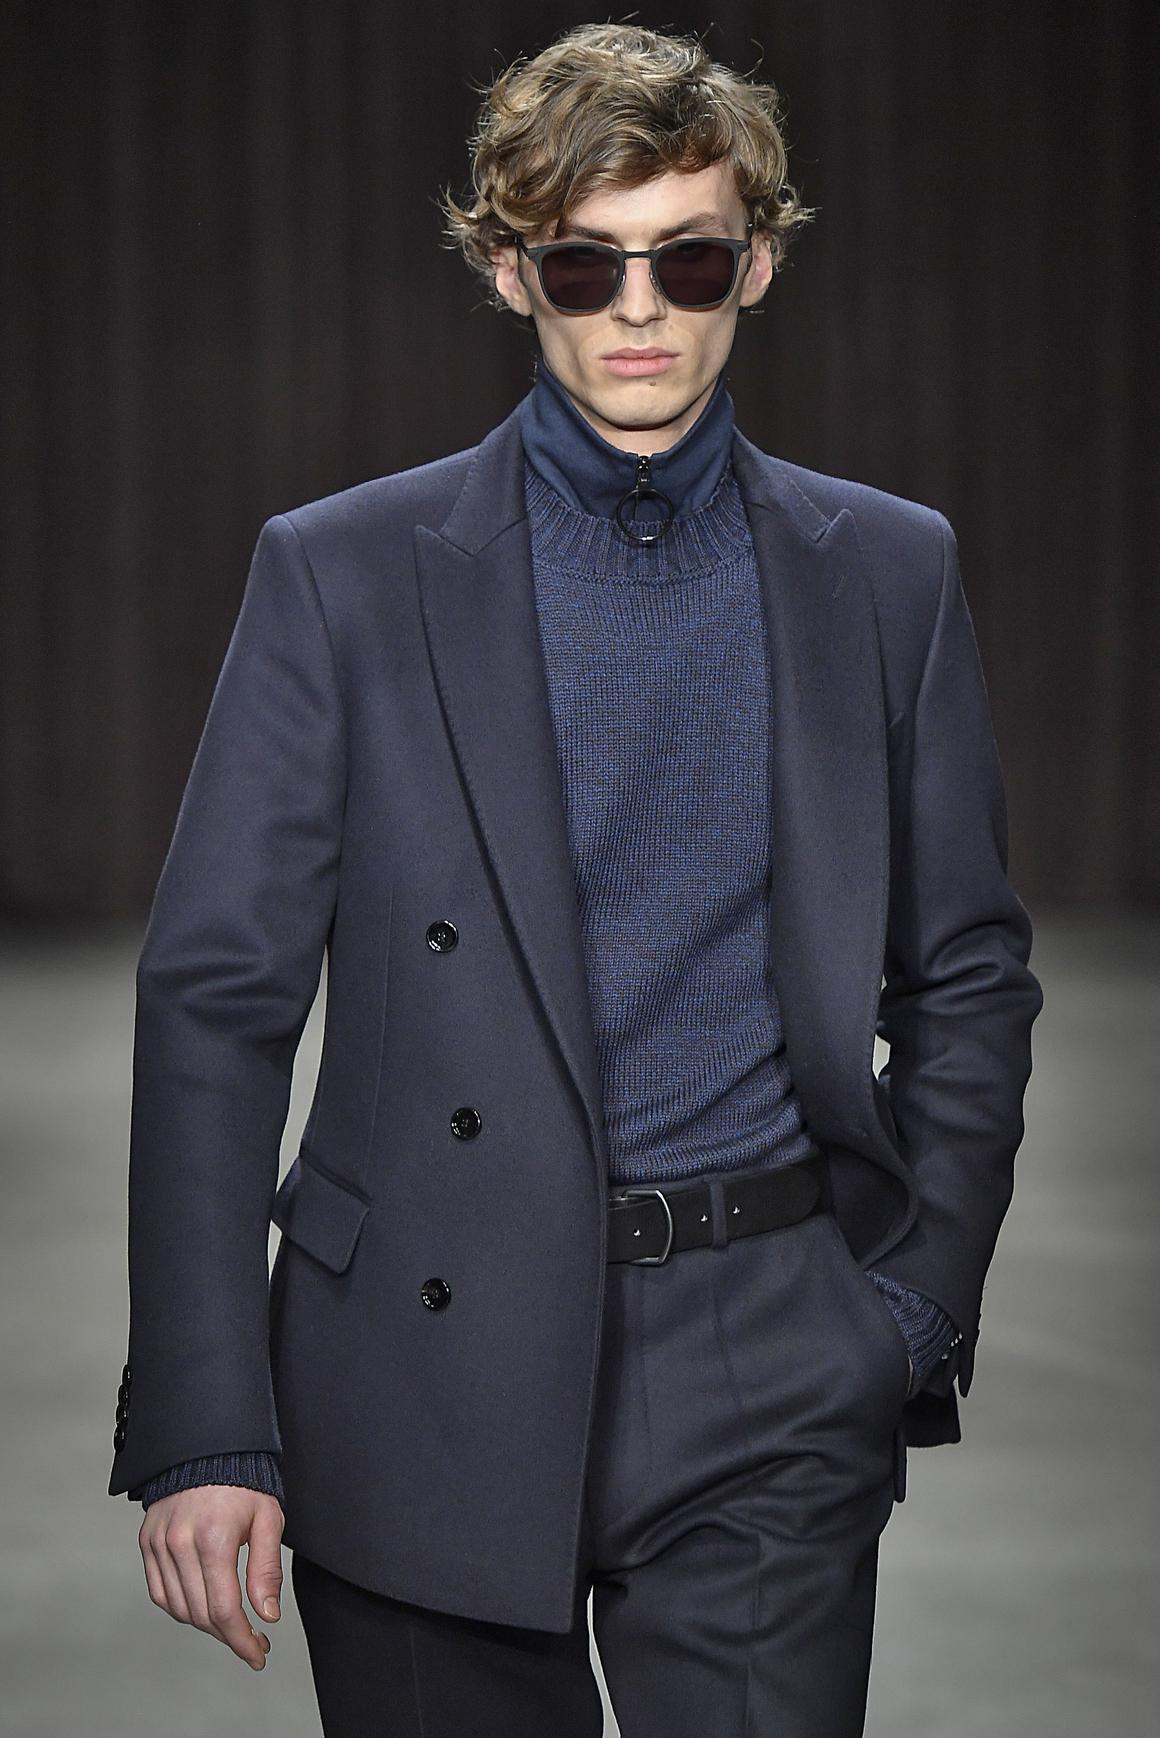 Moda Uomo Matrimonio 2018 : Hugo boss uomo collezione inverno moda